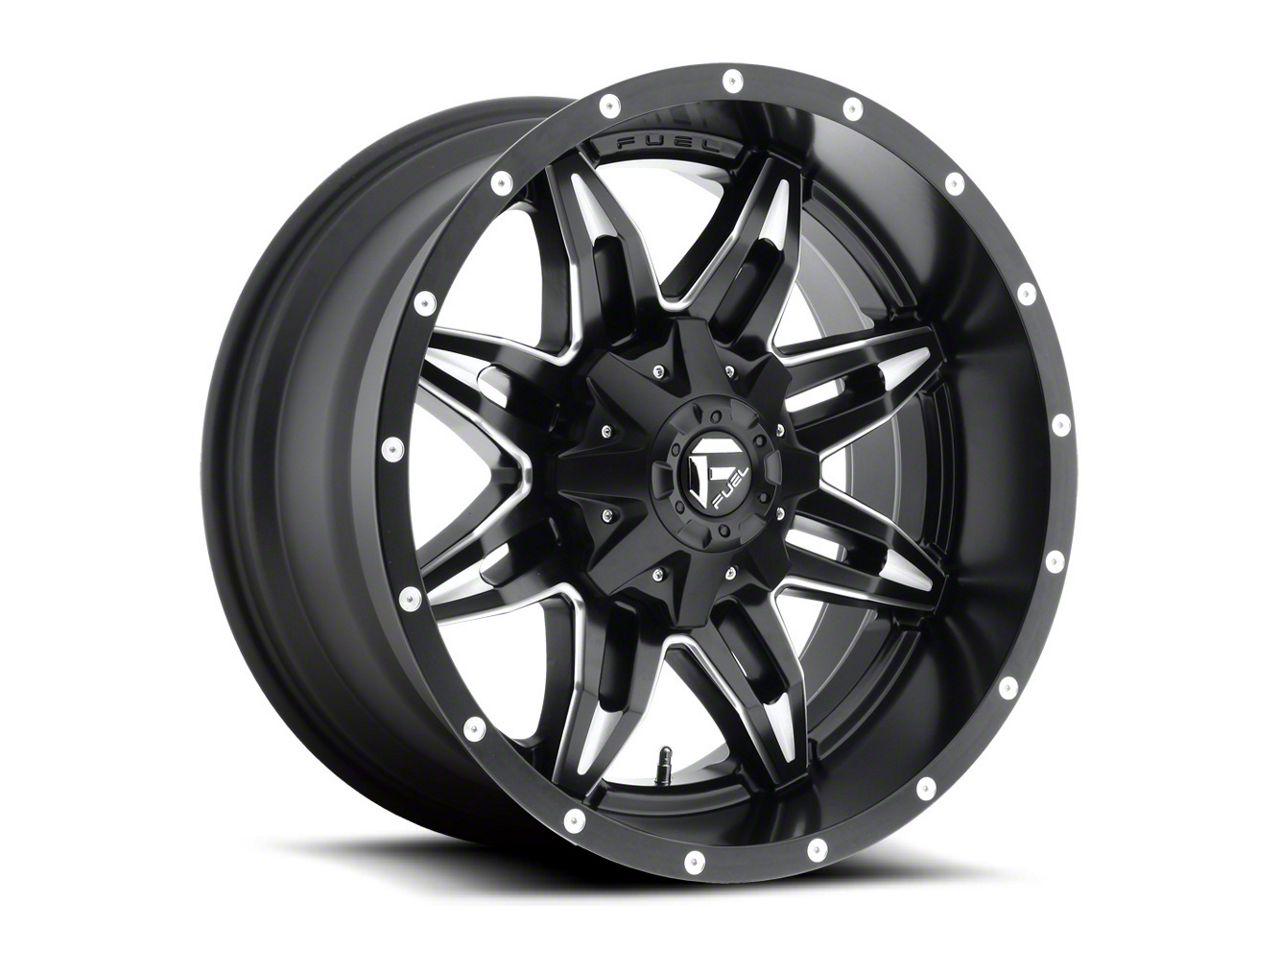 Fuel Wheels Lethal Black Milled 6-Lug Wheel - 20x12 (04-18 F-150)